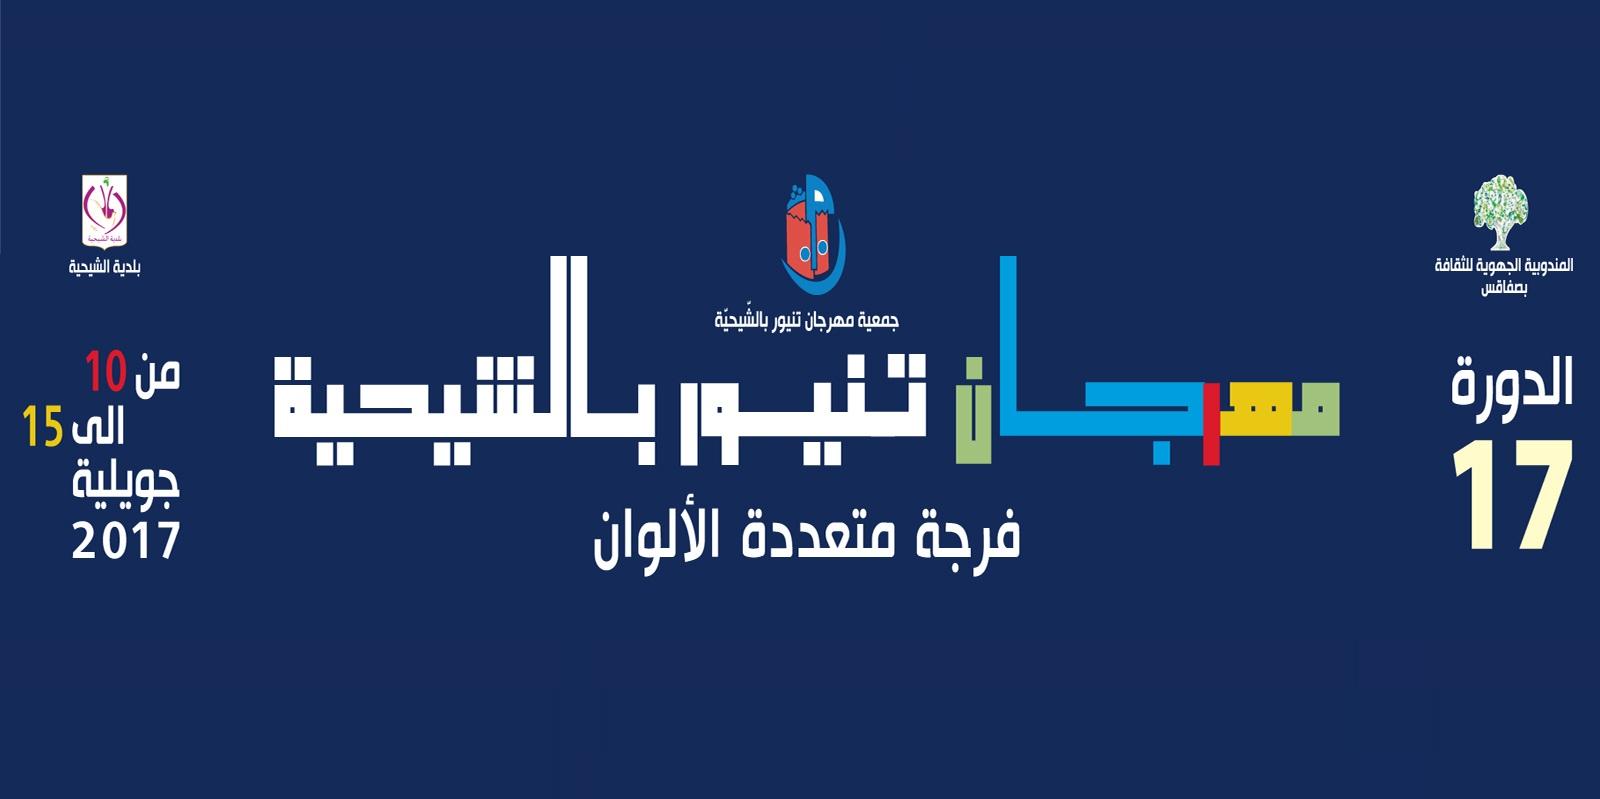 مهرجان تنيور بالشيحية يعلن عن برنامج الدورة 17